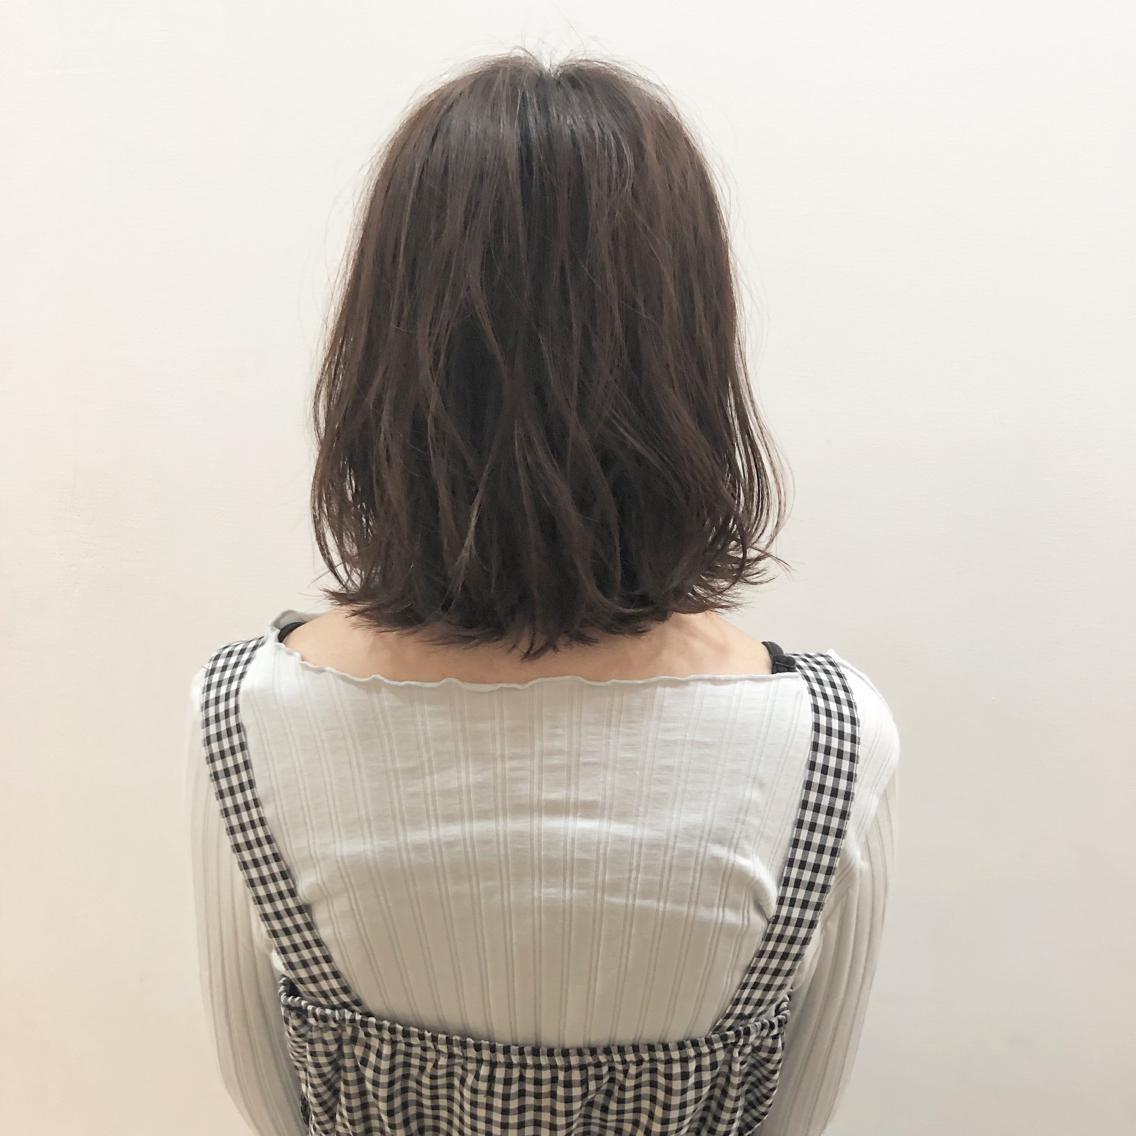 #ショート #カラー #パーマ #ヘアアレンジ 【ゆるふわボブ】  Instagramにもヘアスタイル載せてますので是非♪♪  yuuki_matsui_